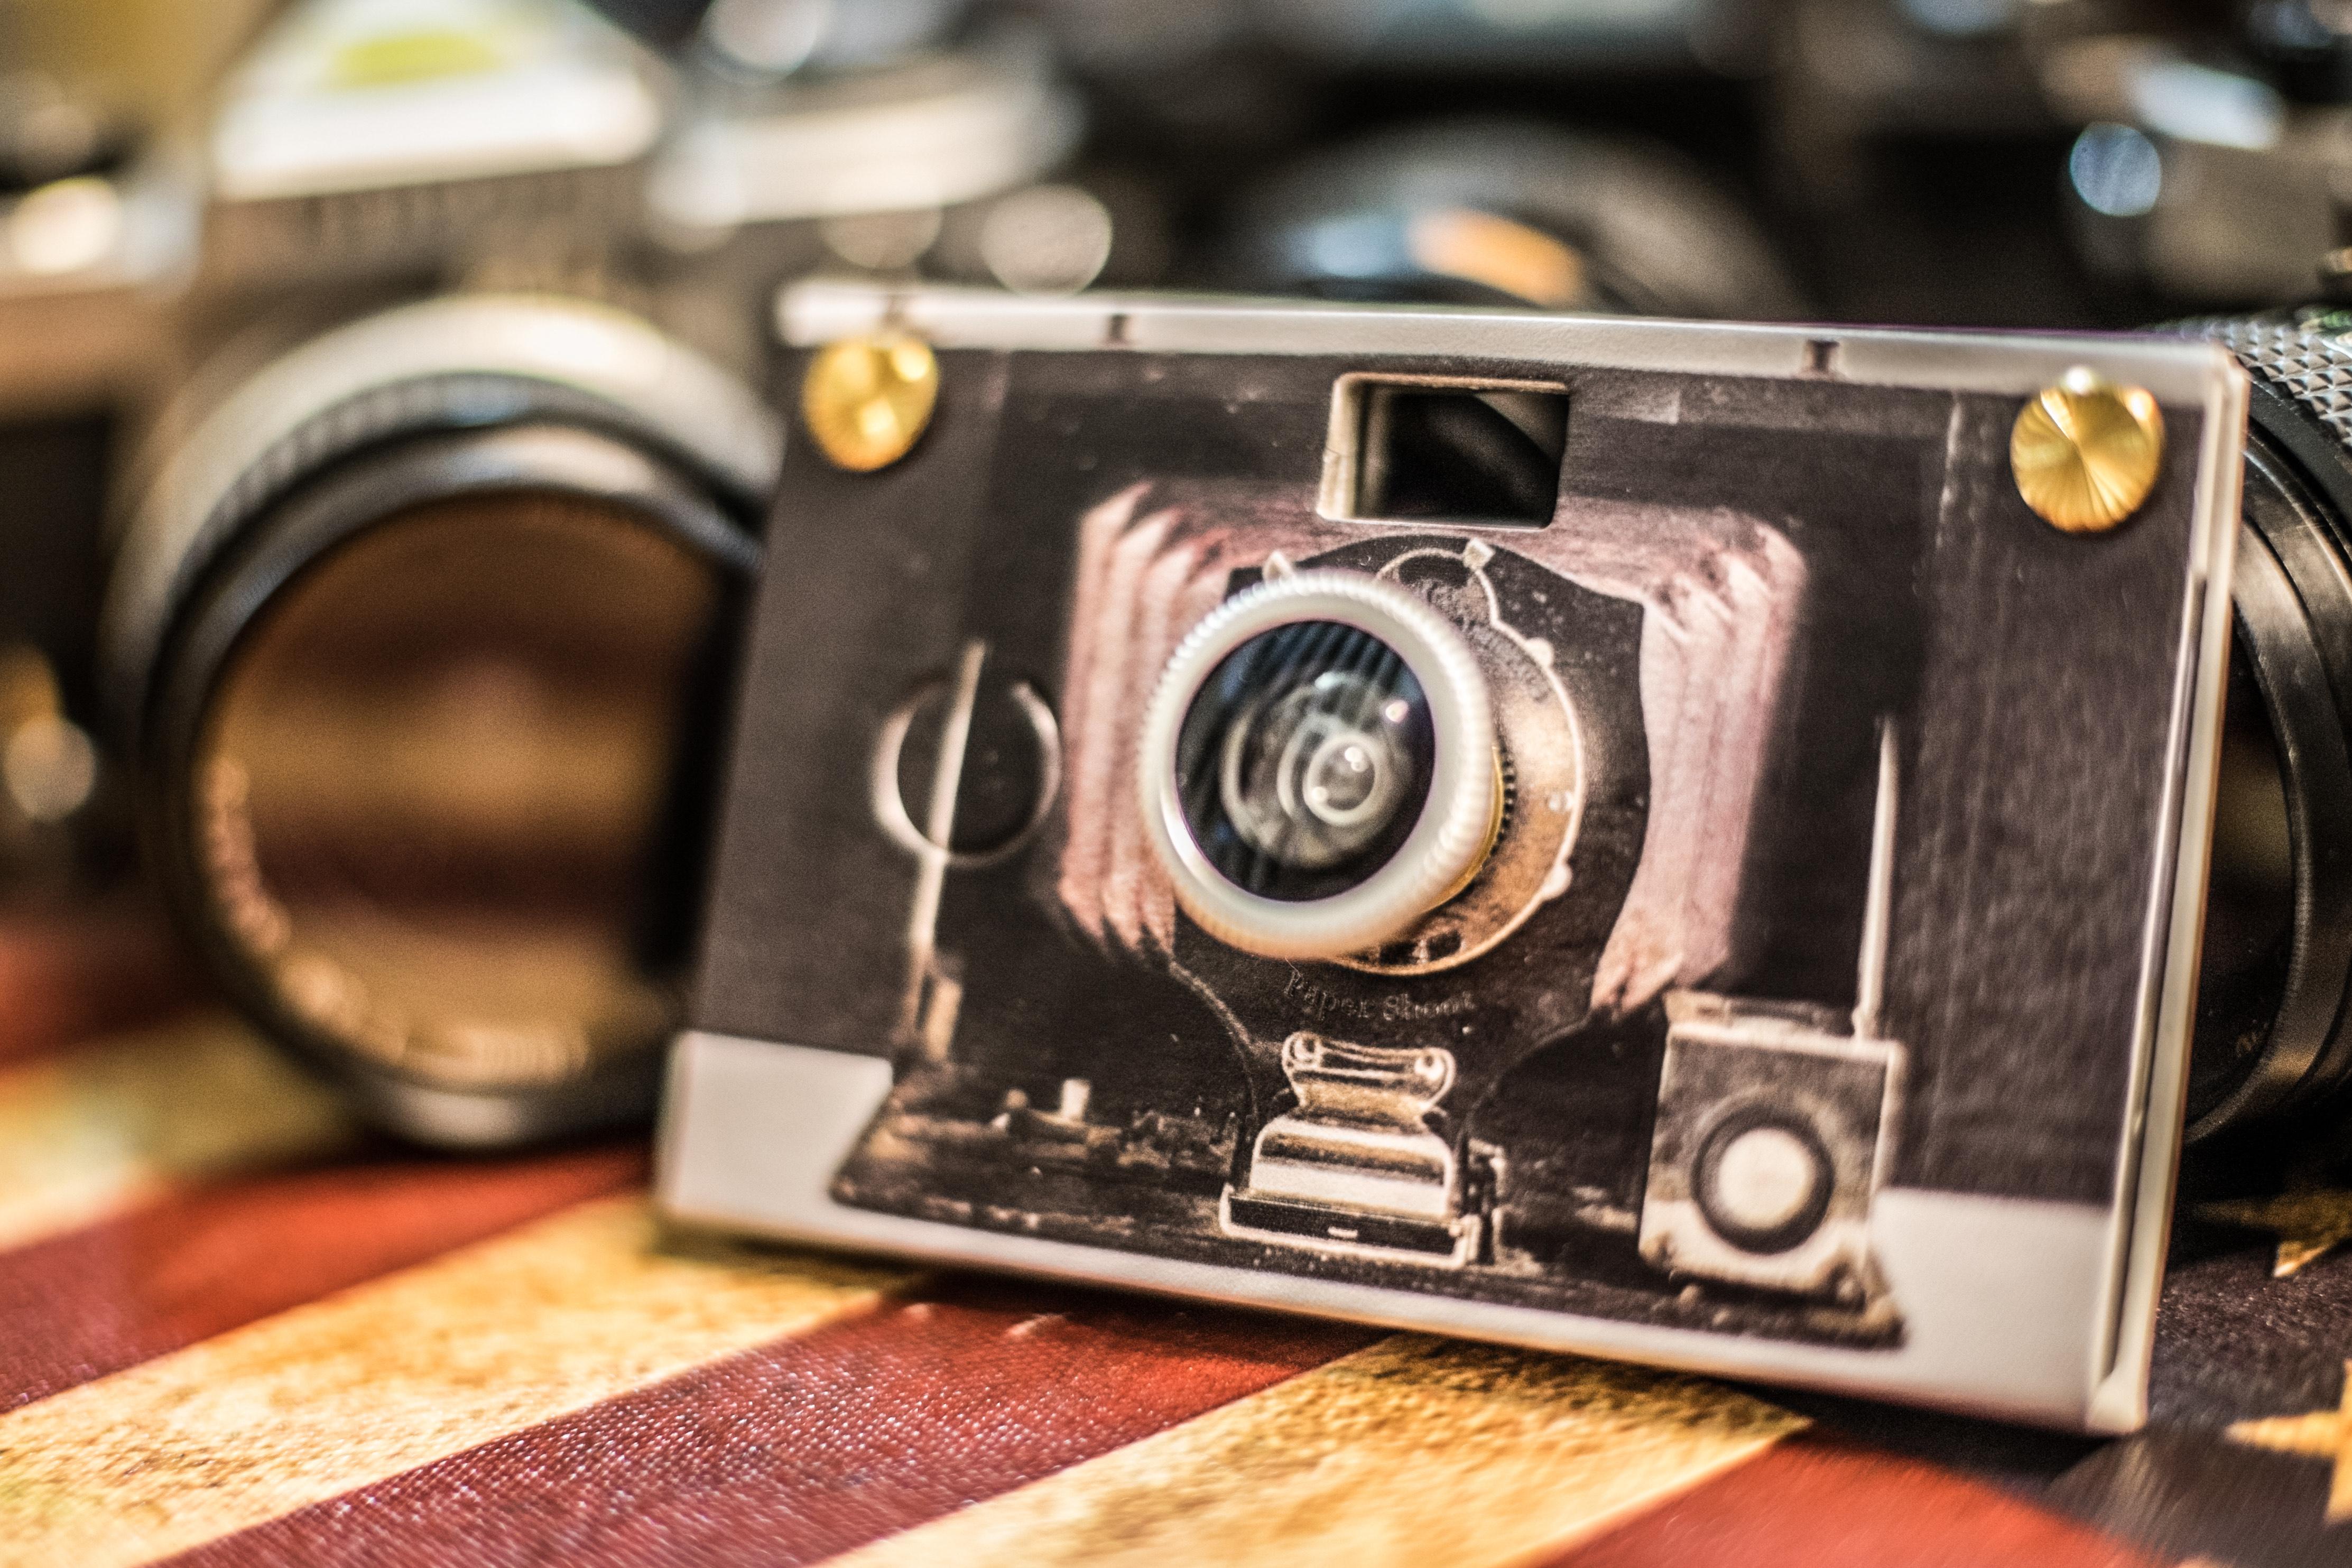 お好みで着せ替えできるトイカメラ「Paper Shoot」が神奈川エリア初登場!1月27日(水)から横浜高島屋にて期間限定POP UP SHOPを開催!